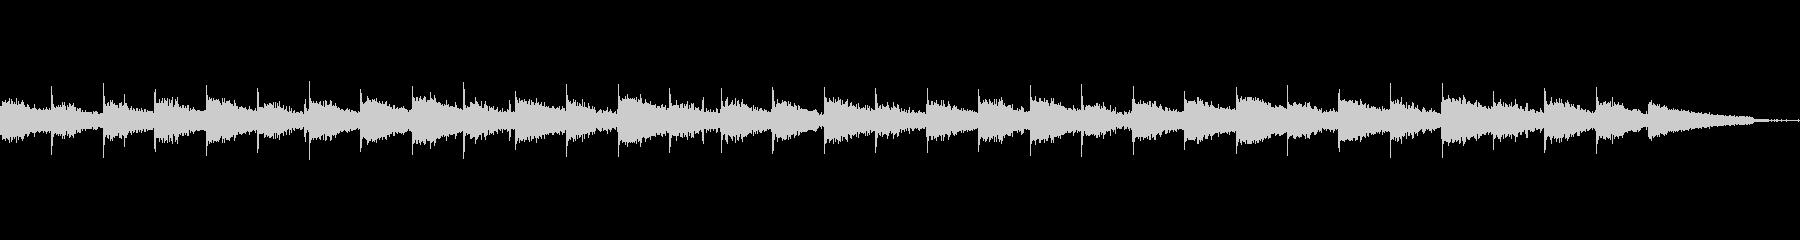 動画 サスペンス 説明的 バックグ...の未再生の波形